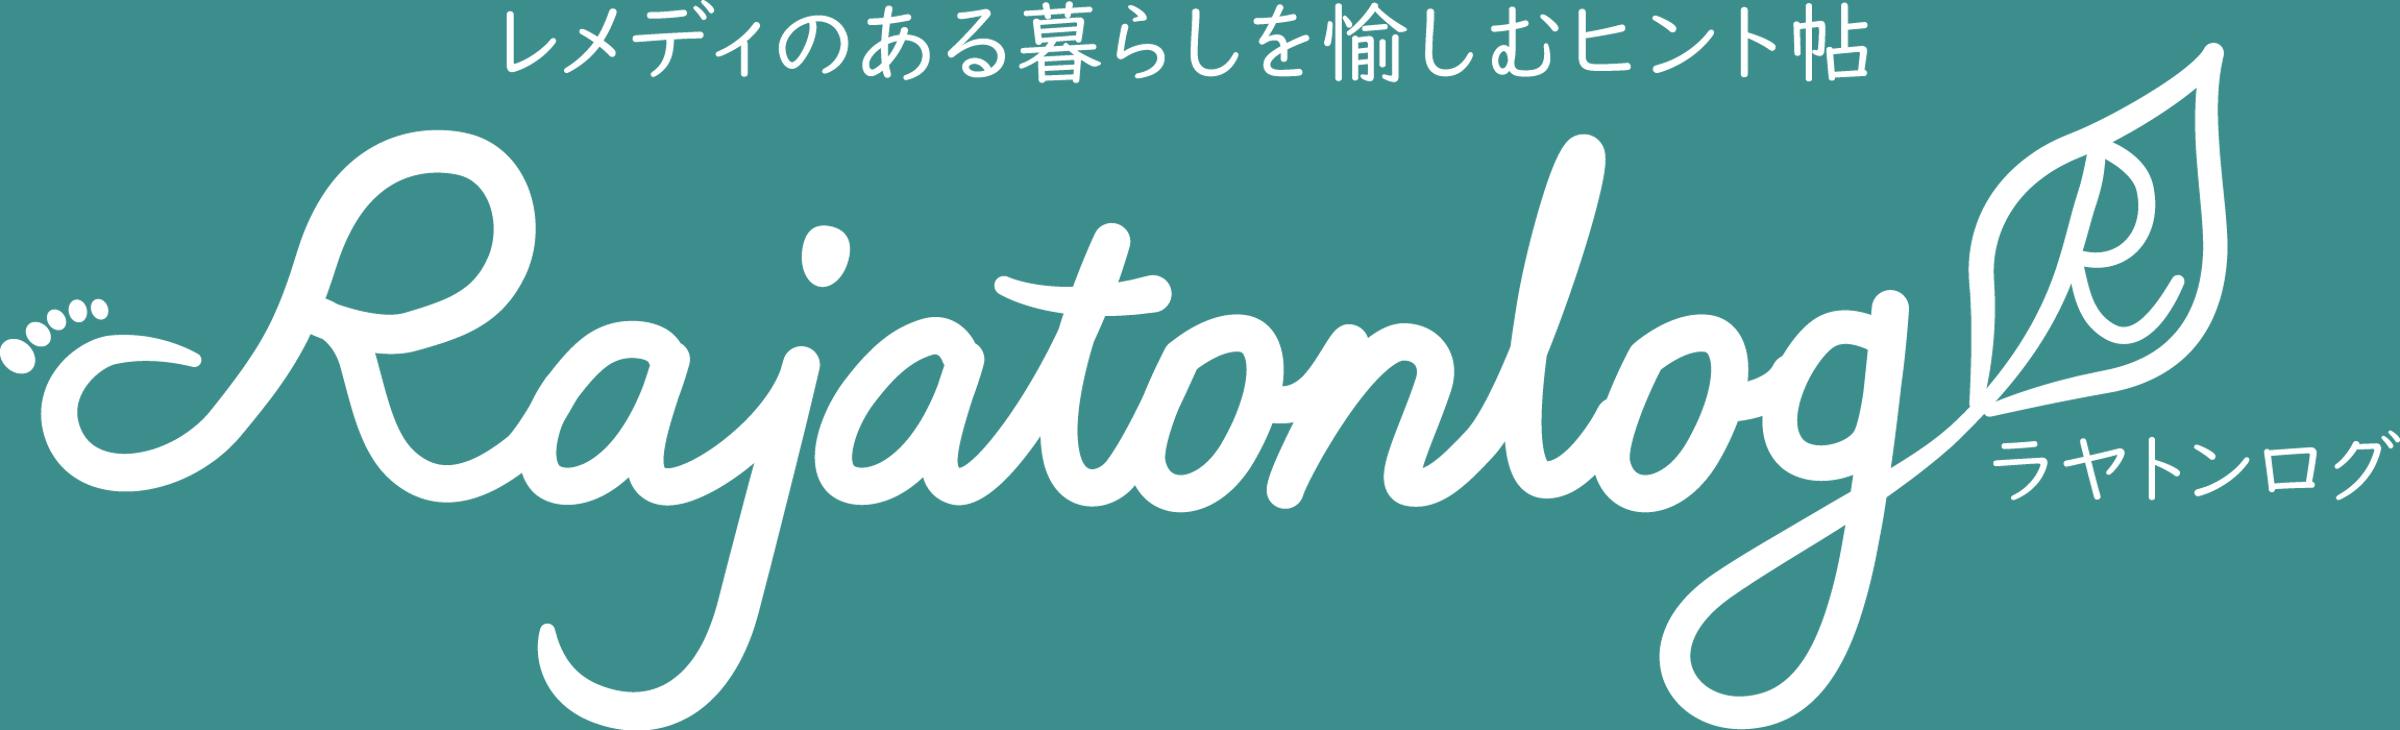 ラヤトンレメディーズのブログ